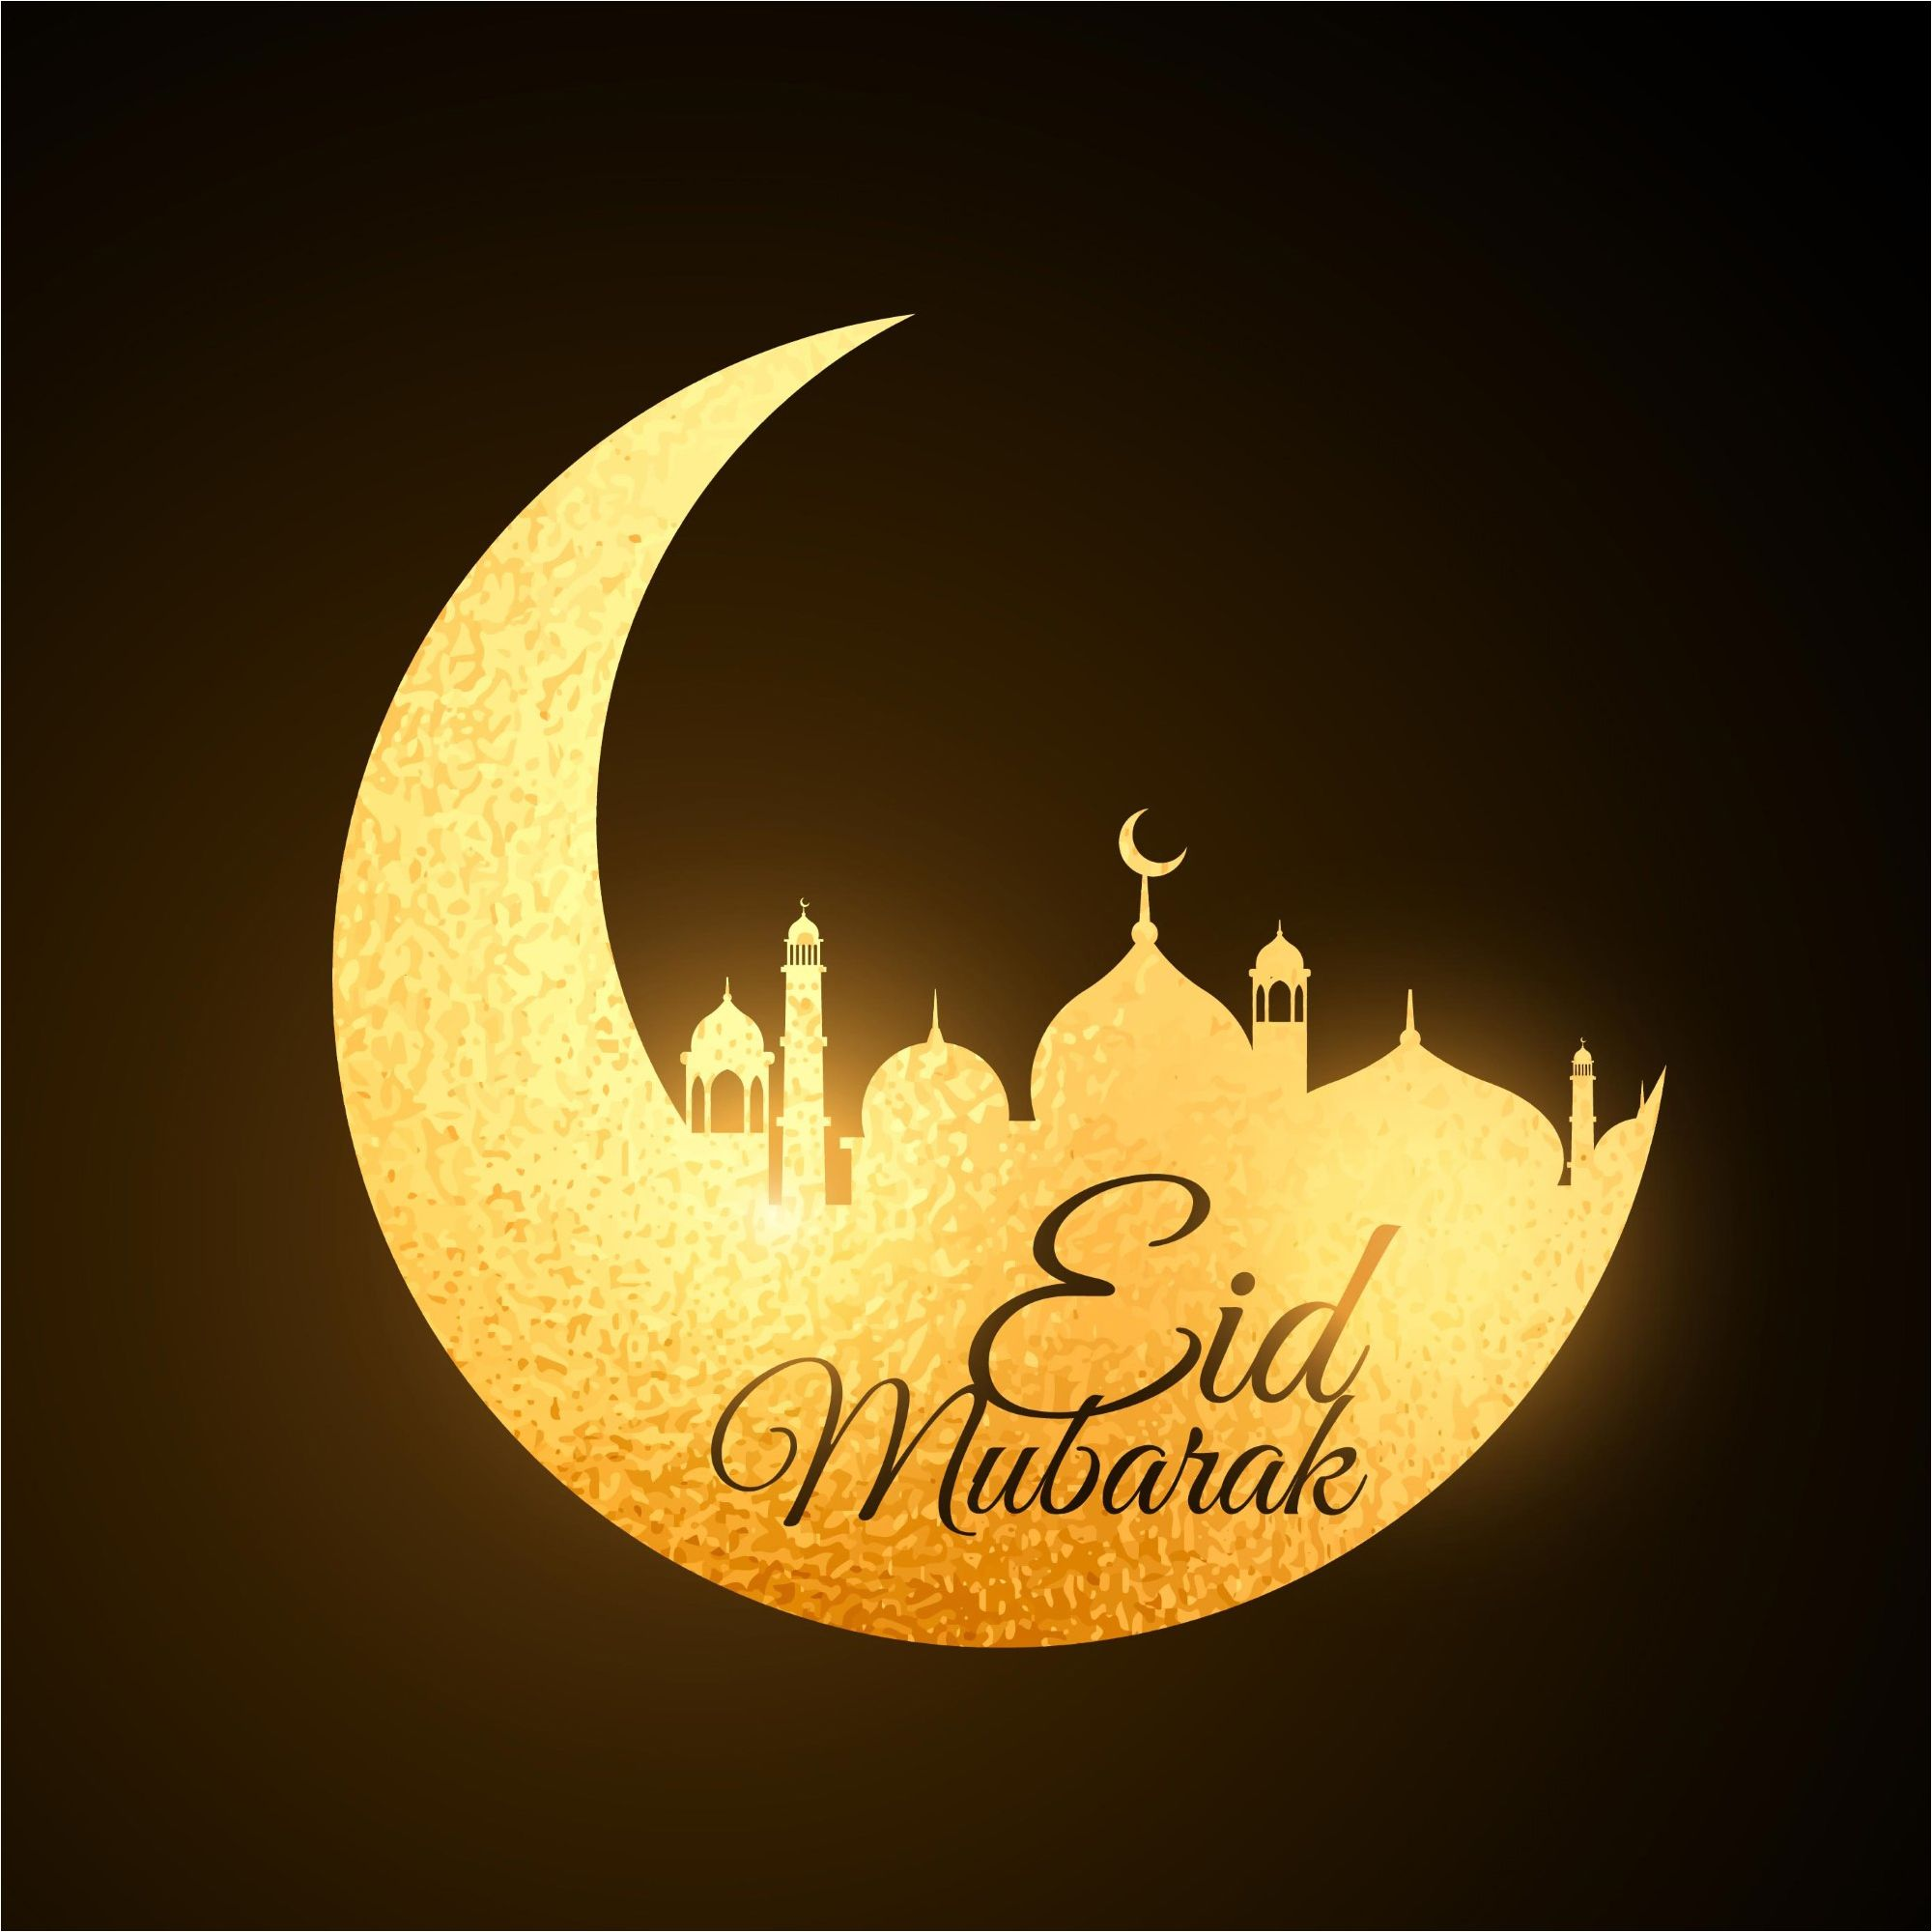 20 Wonderful Eid Mubarak Ideas: Golden Moon & Mosque Design Eid Mubarak Vector